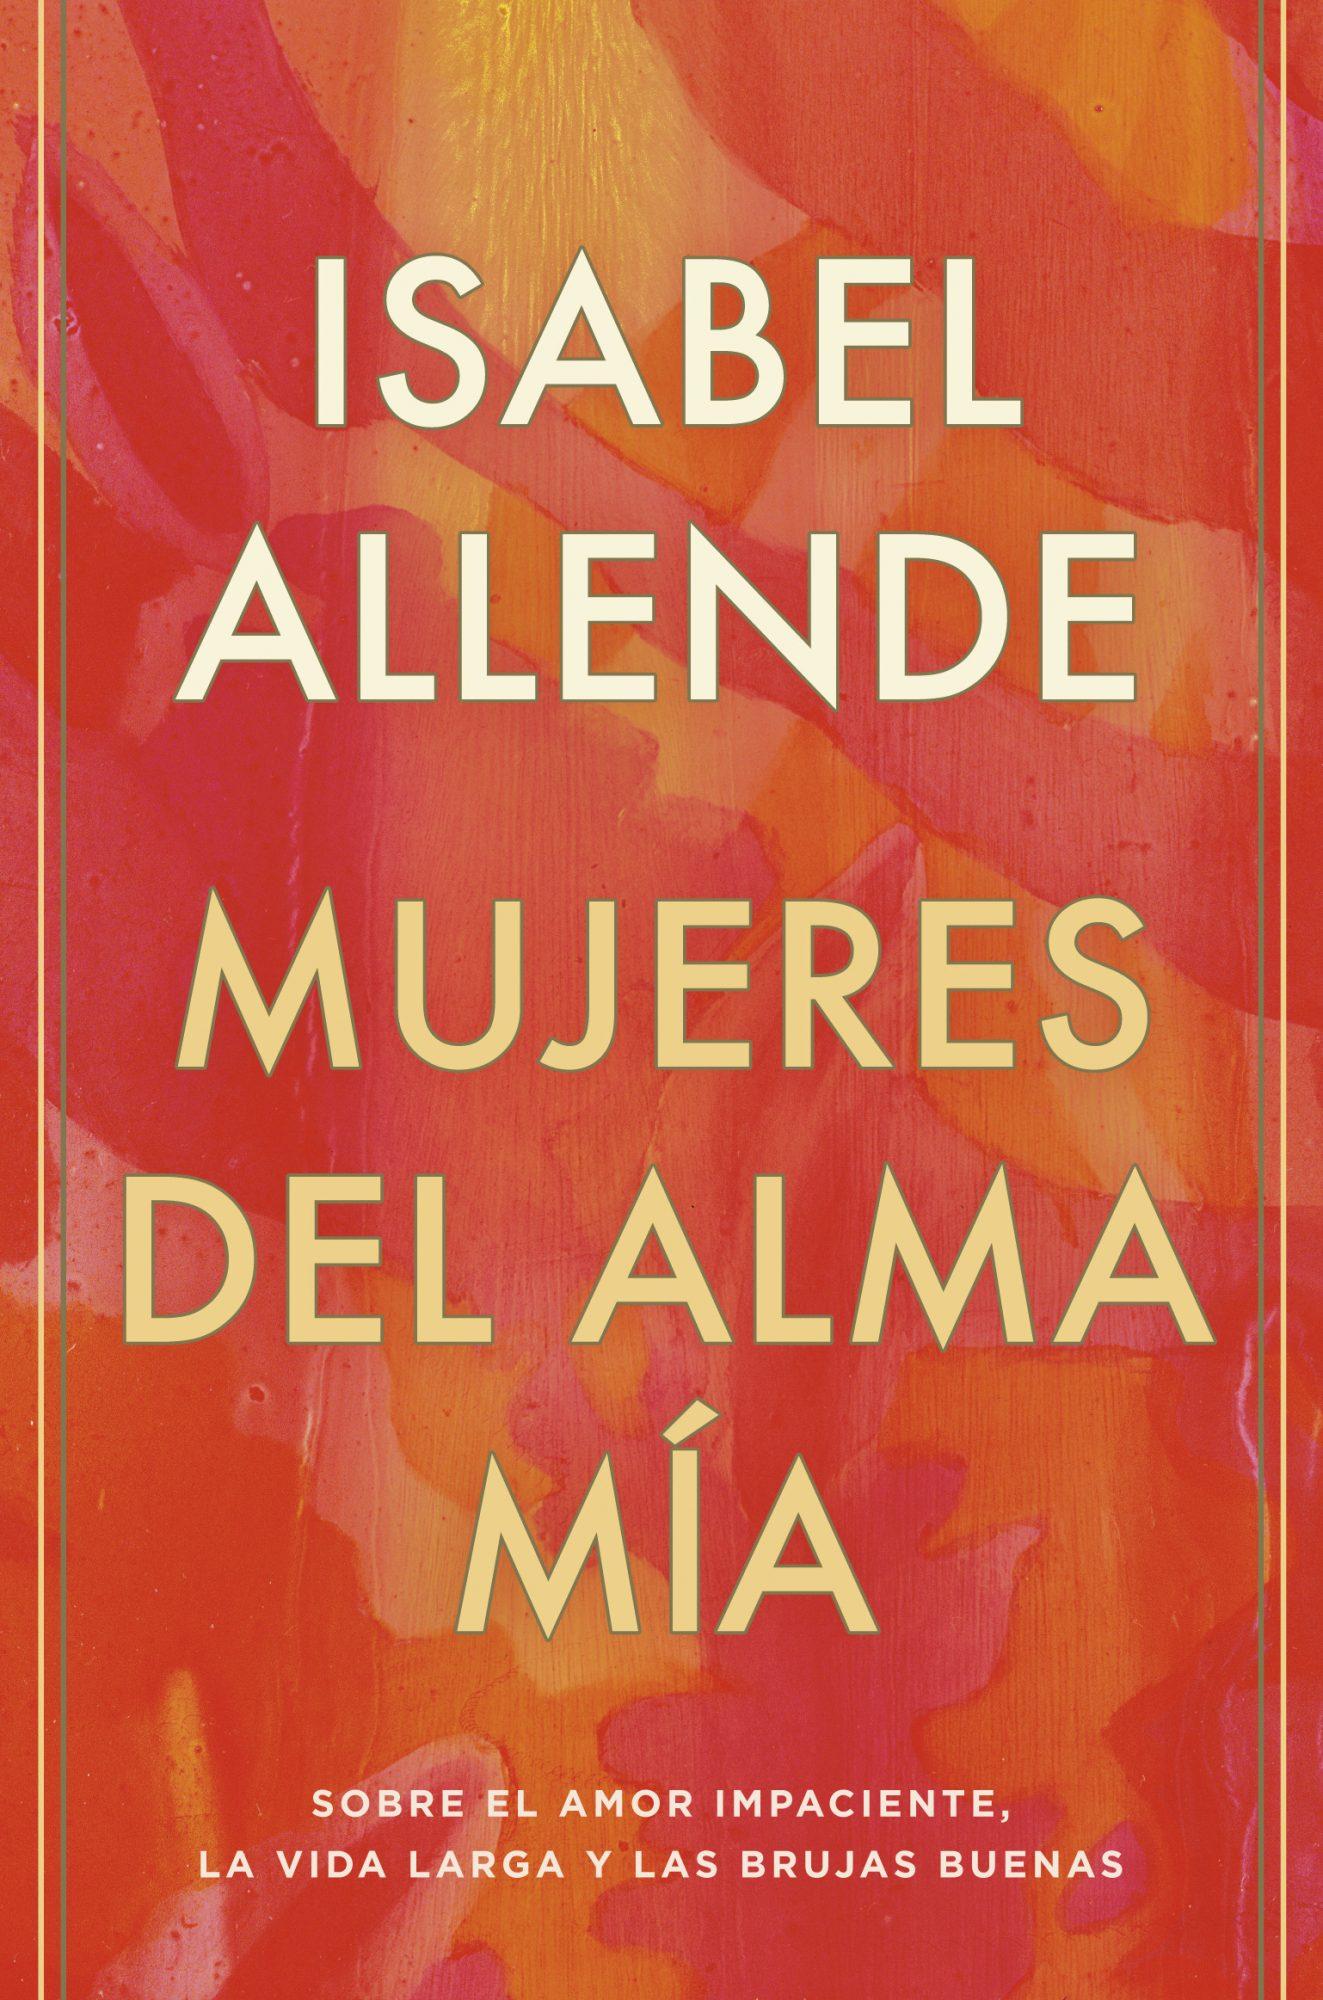 Book Corner - Isabel Allende - Mujeres del alma mía - May 2021